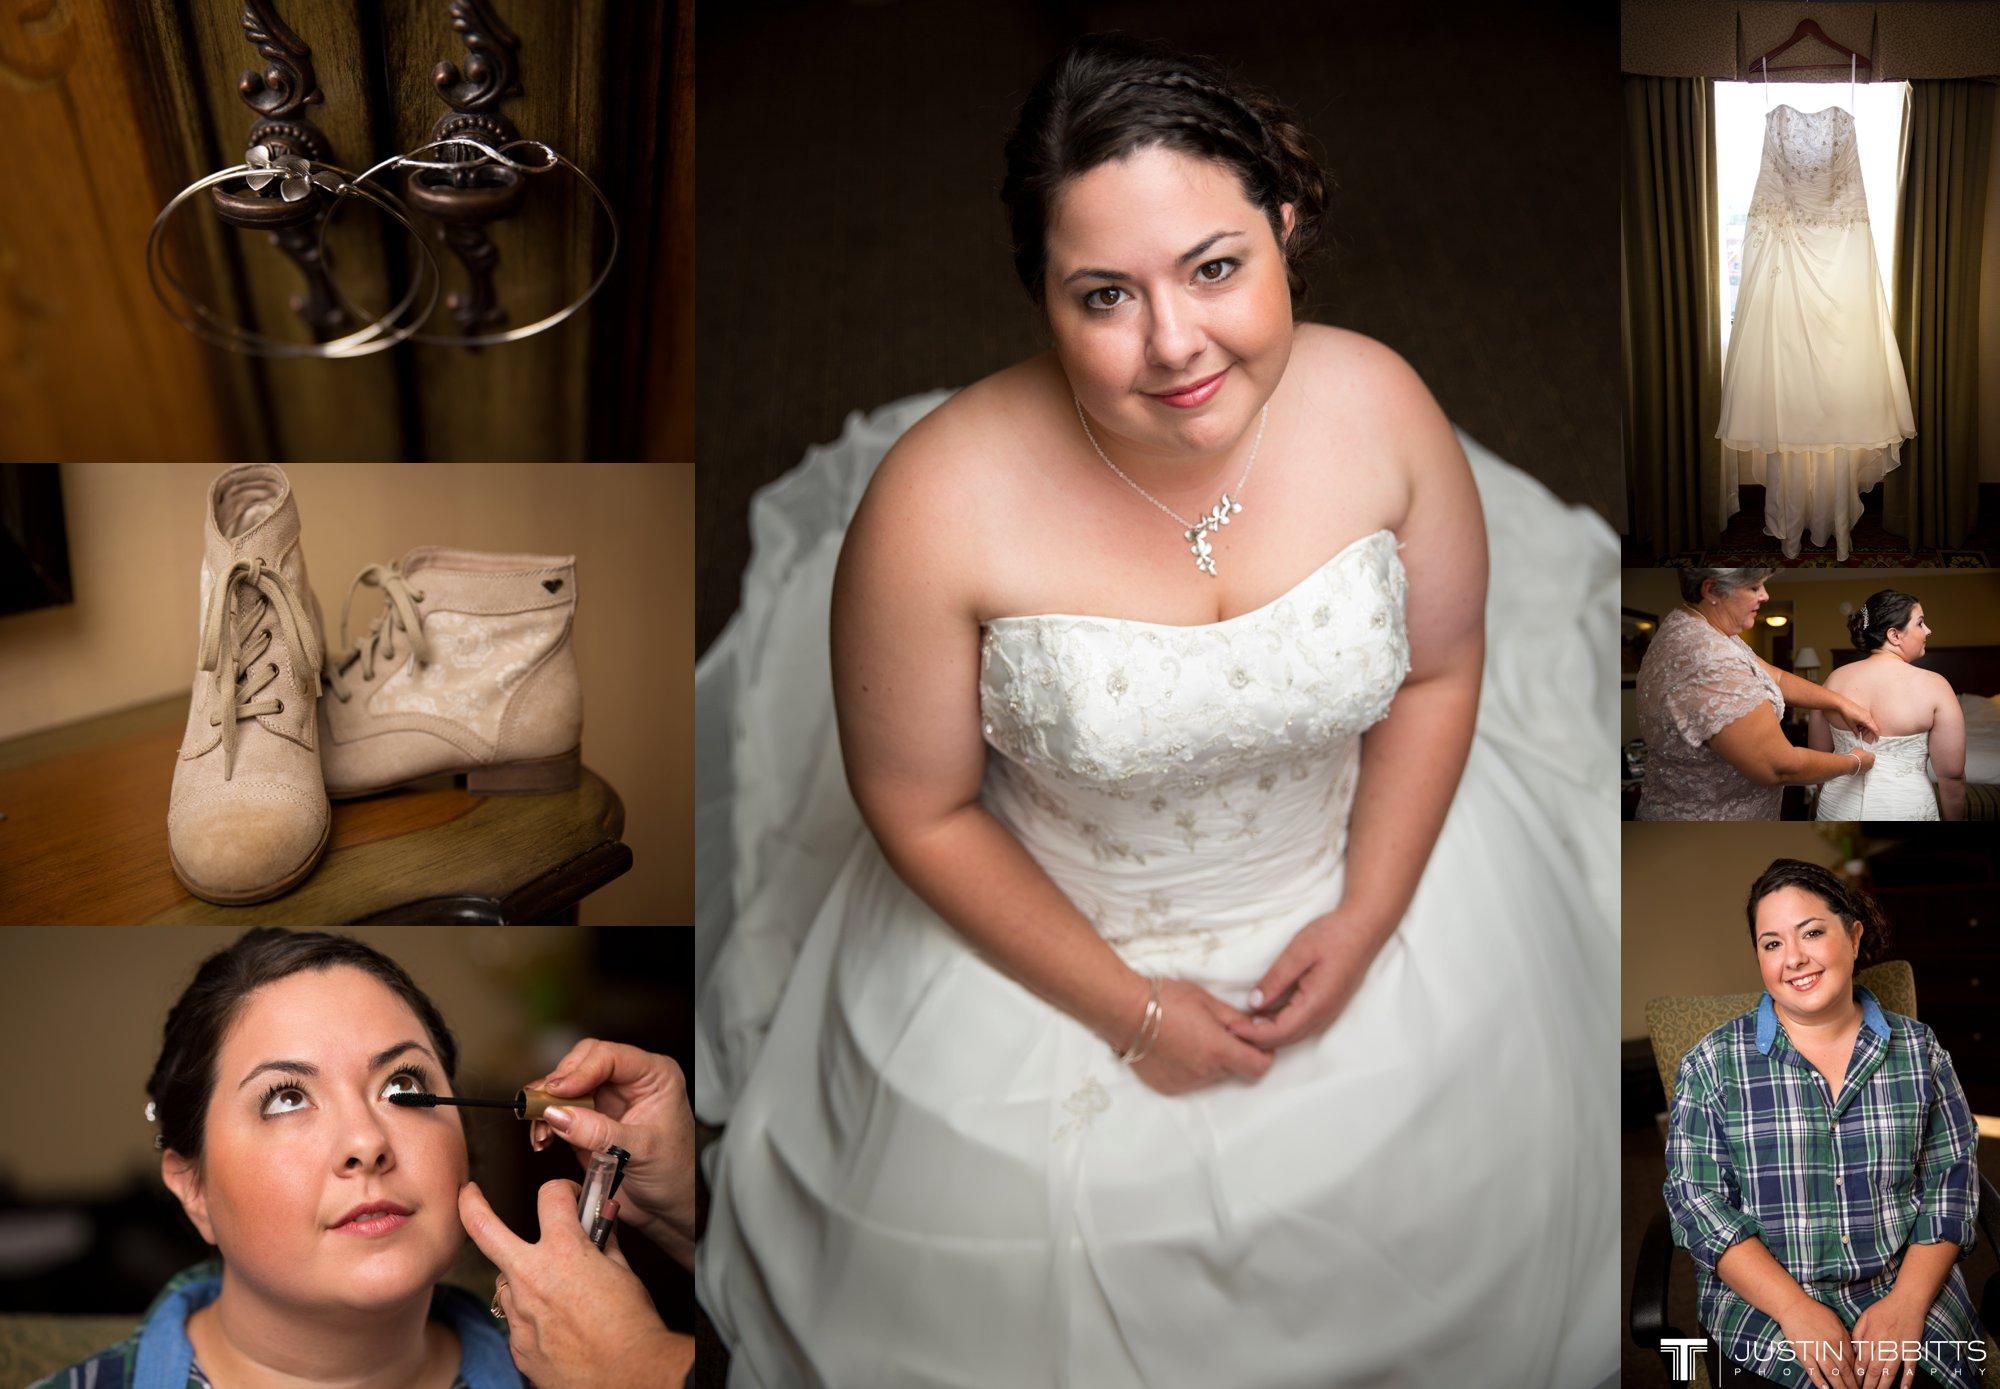 Albany NY Wedding Photographer Justin Tibbitts Photography 2014 Best of Albany NY Weddings-12615123